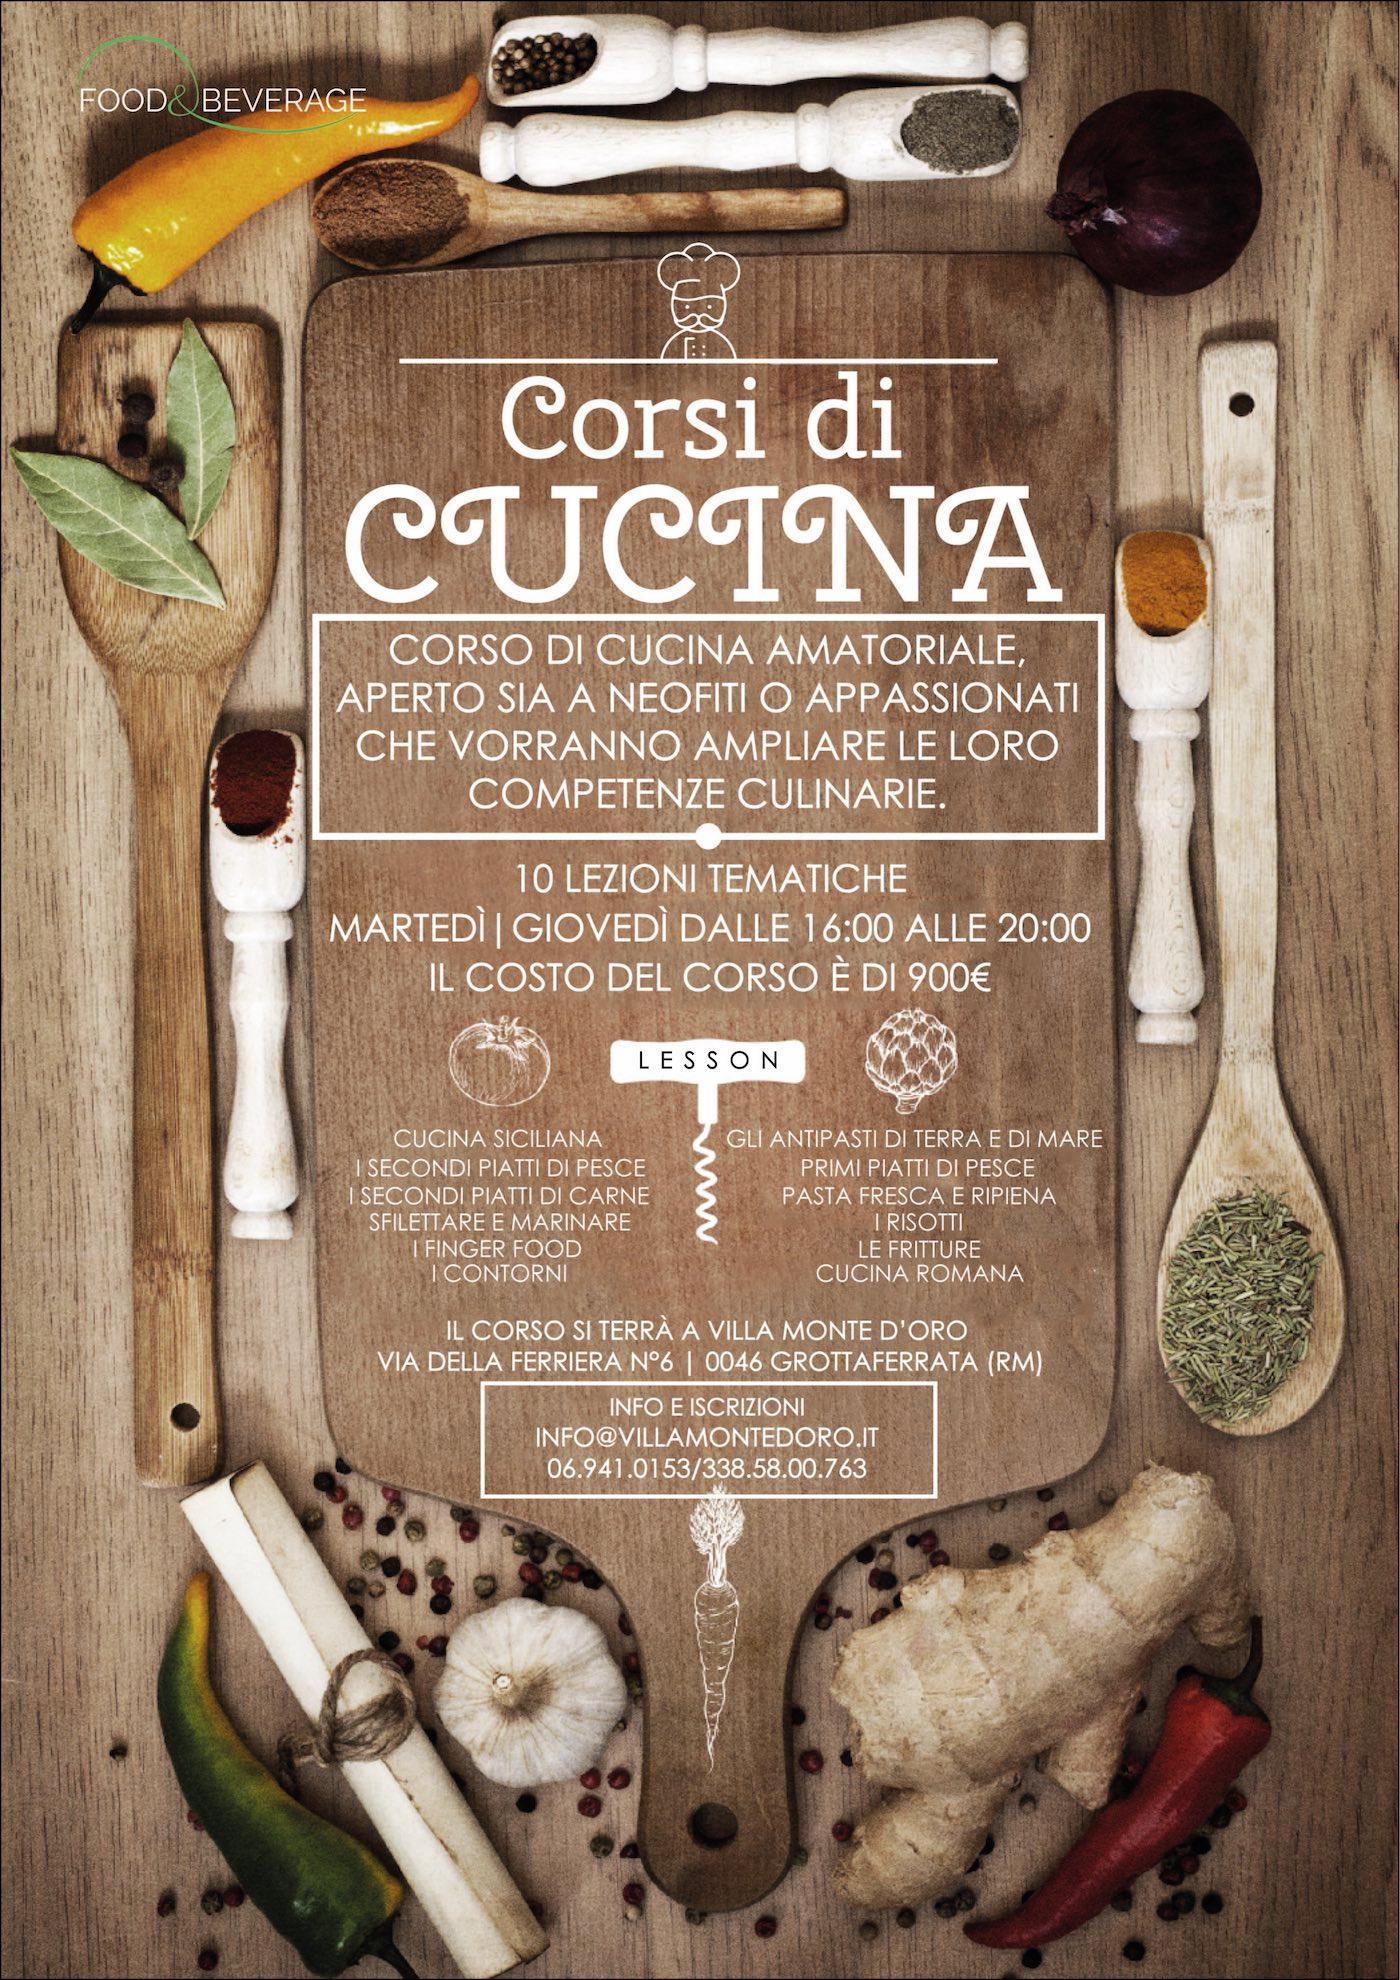 Corsi di cucina amatoriale roma